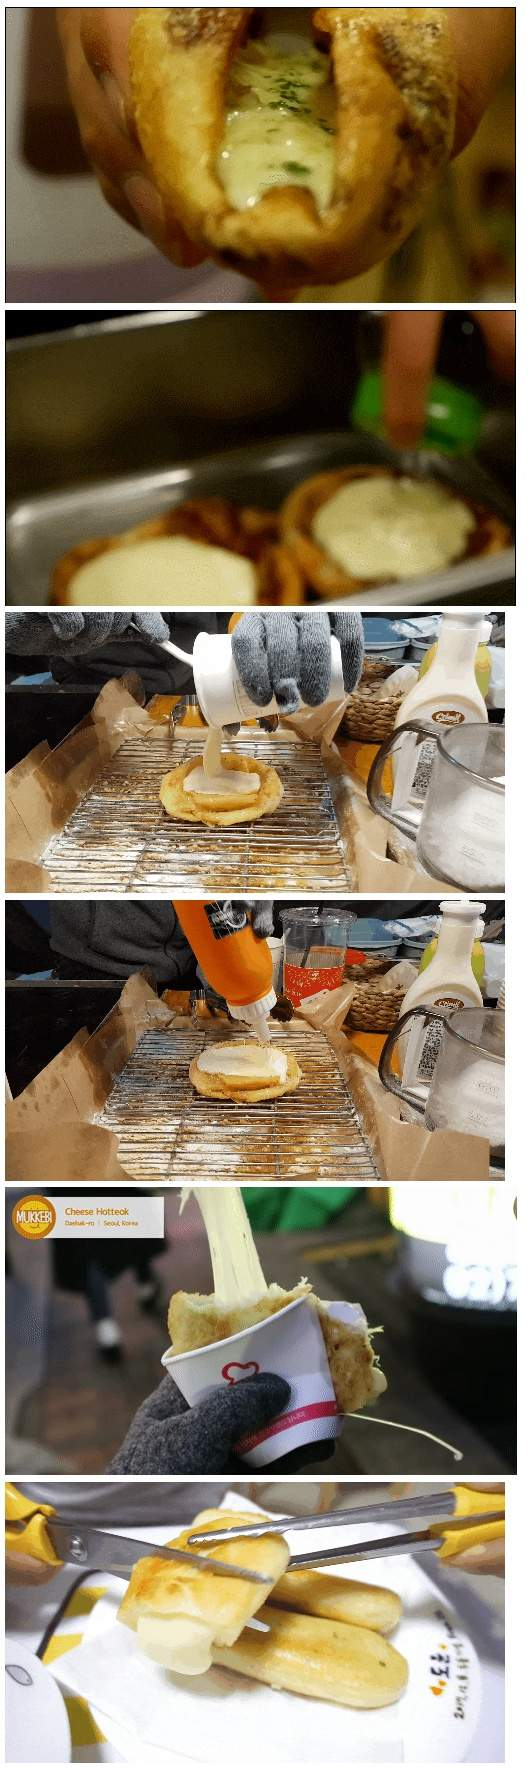 치즈호떡.jpg